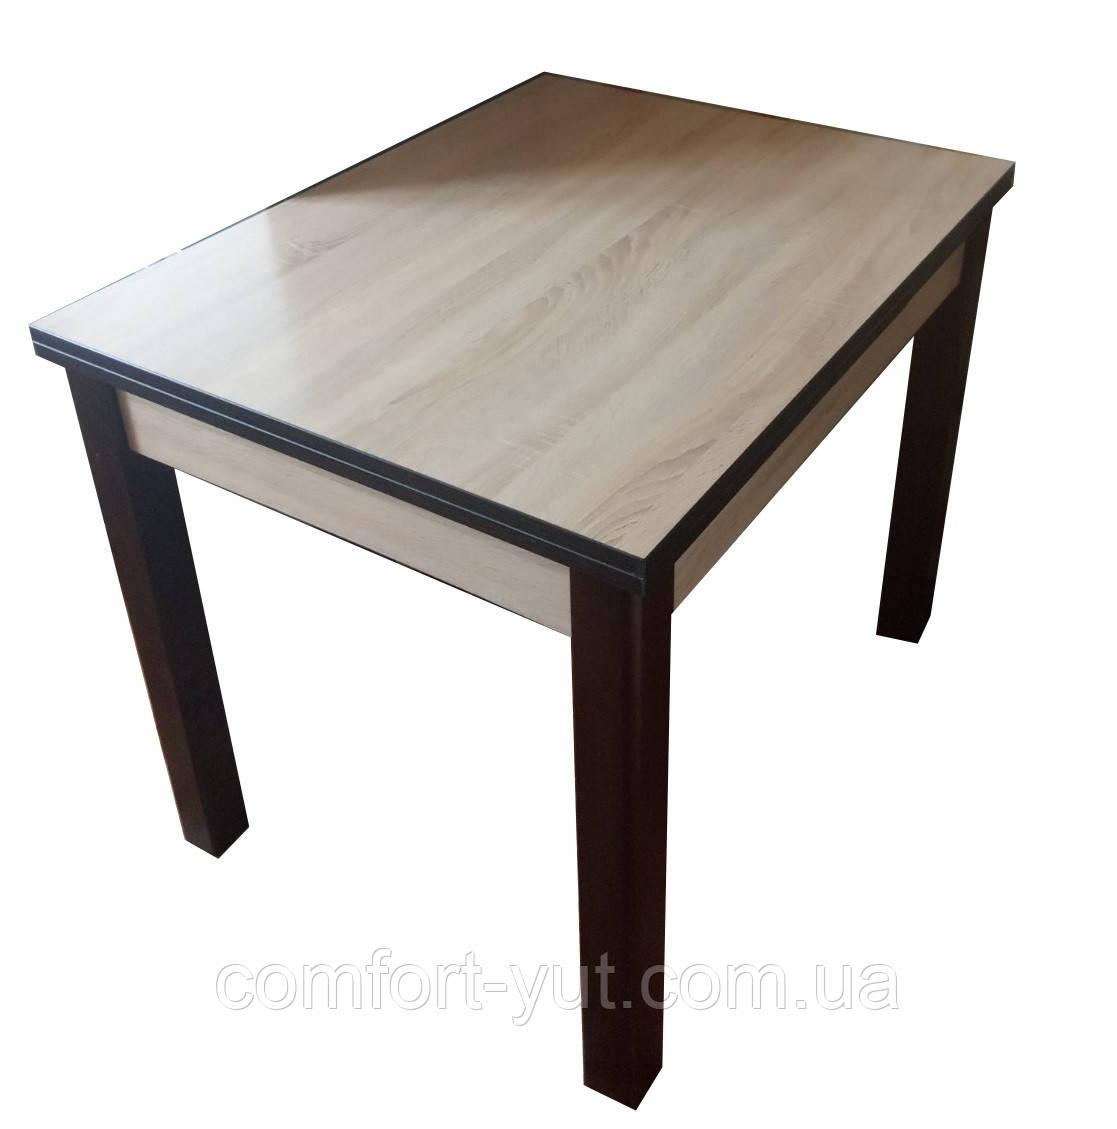 Стол обеденный Марсель 90(+35+35)*70  орех - Сонома